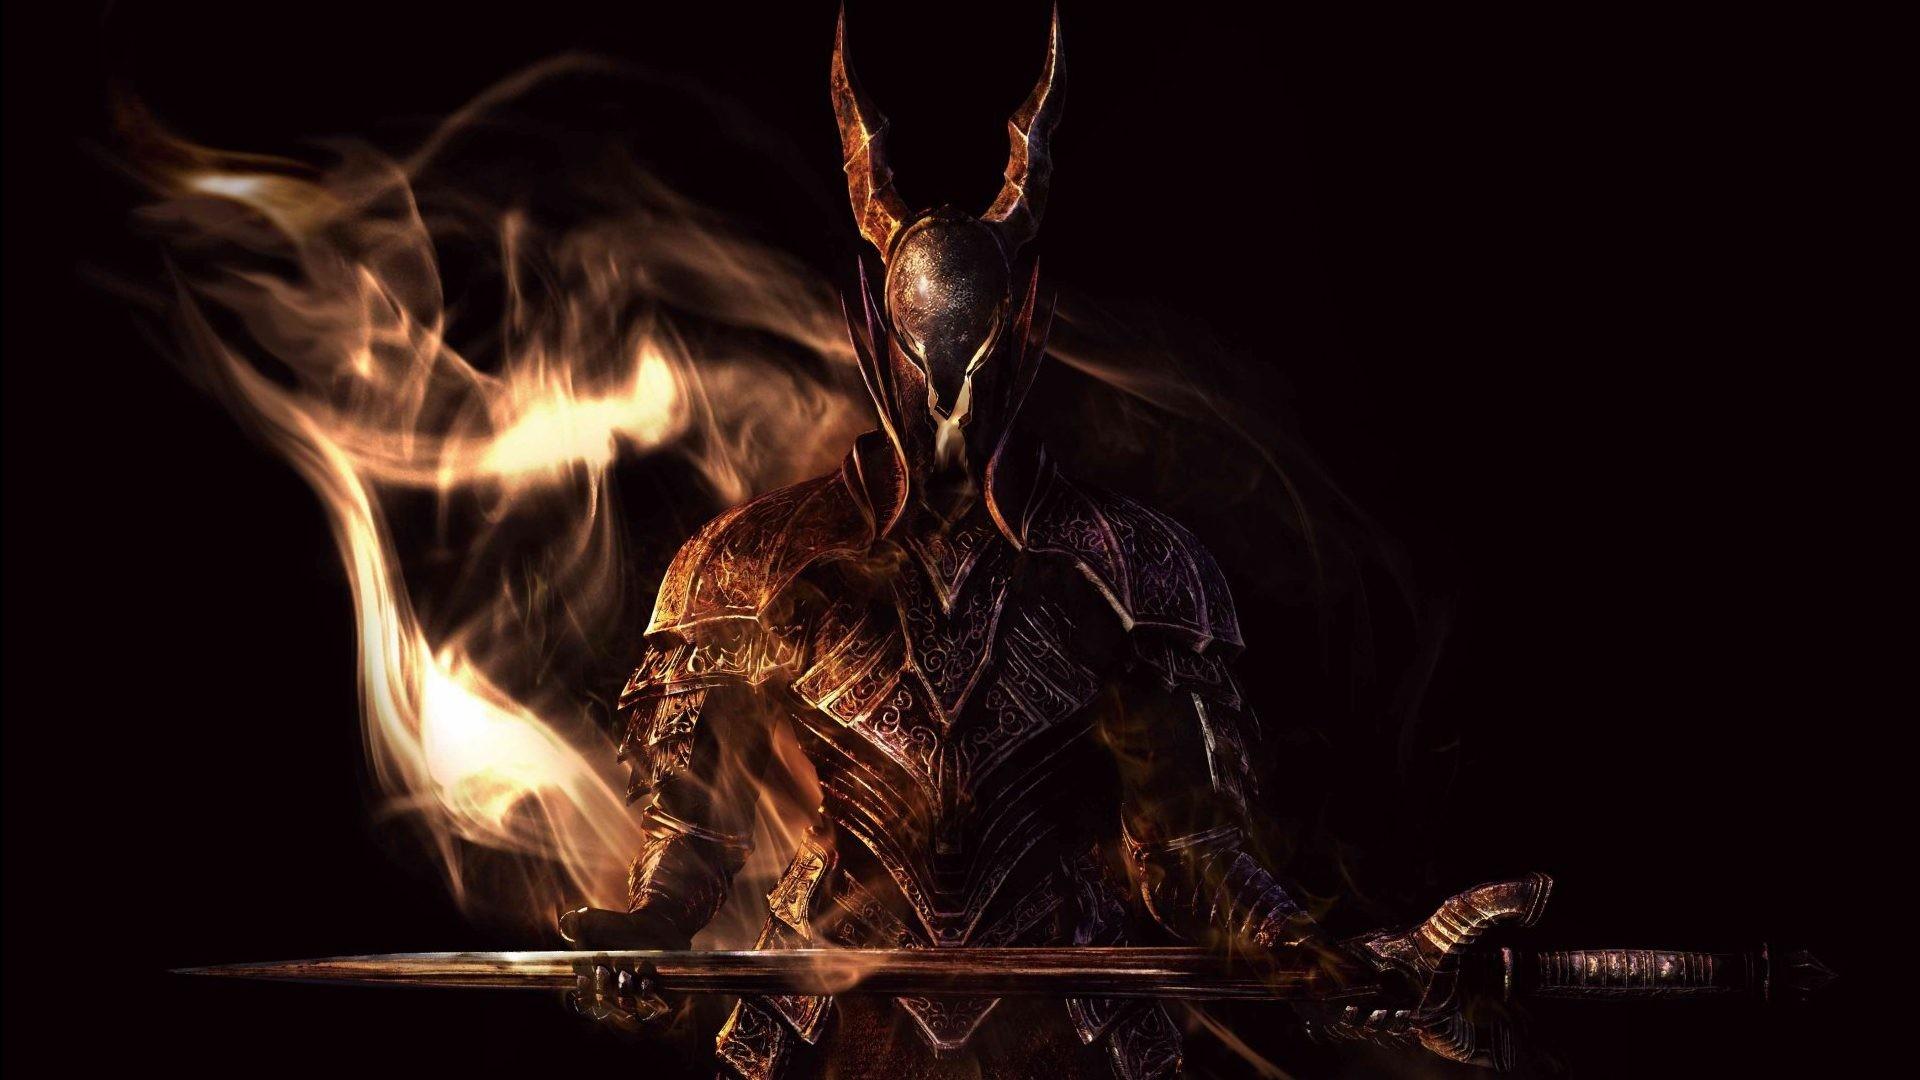 Download dark souls sword armor look smoke 4k dual screen wallpaper